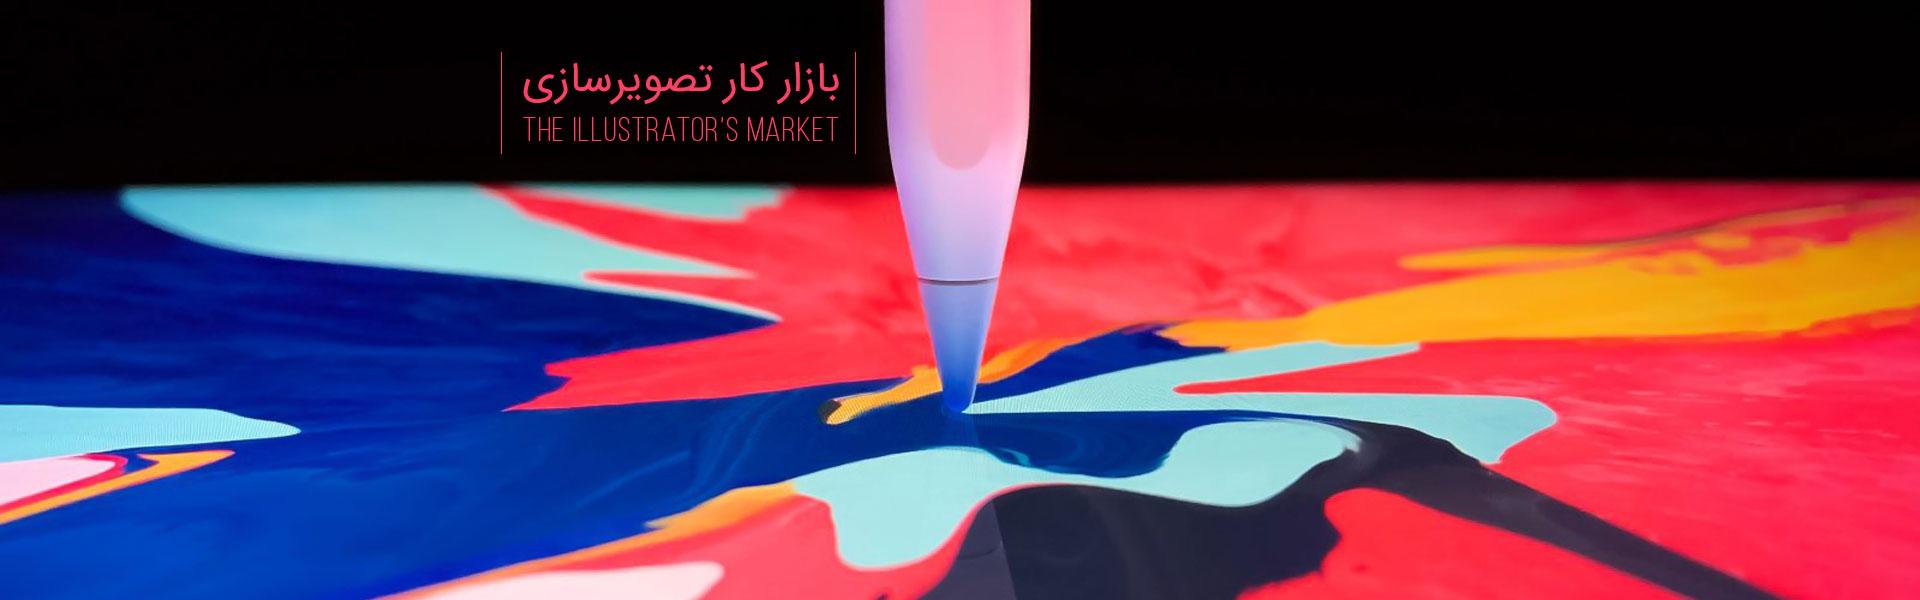 طراحان و بازار کار تصویرسازی